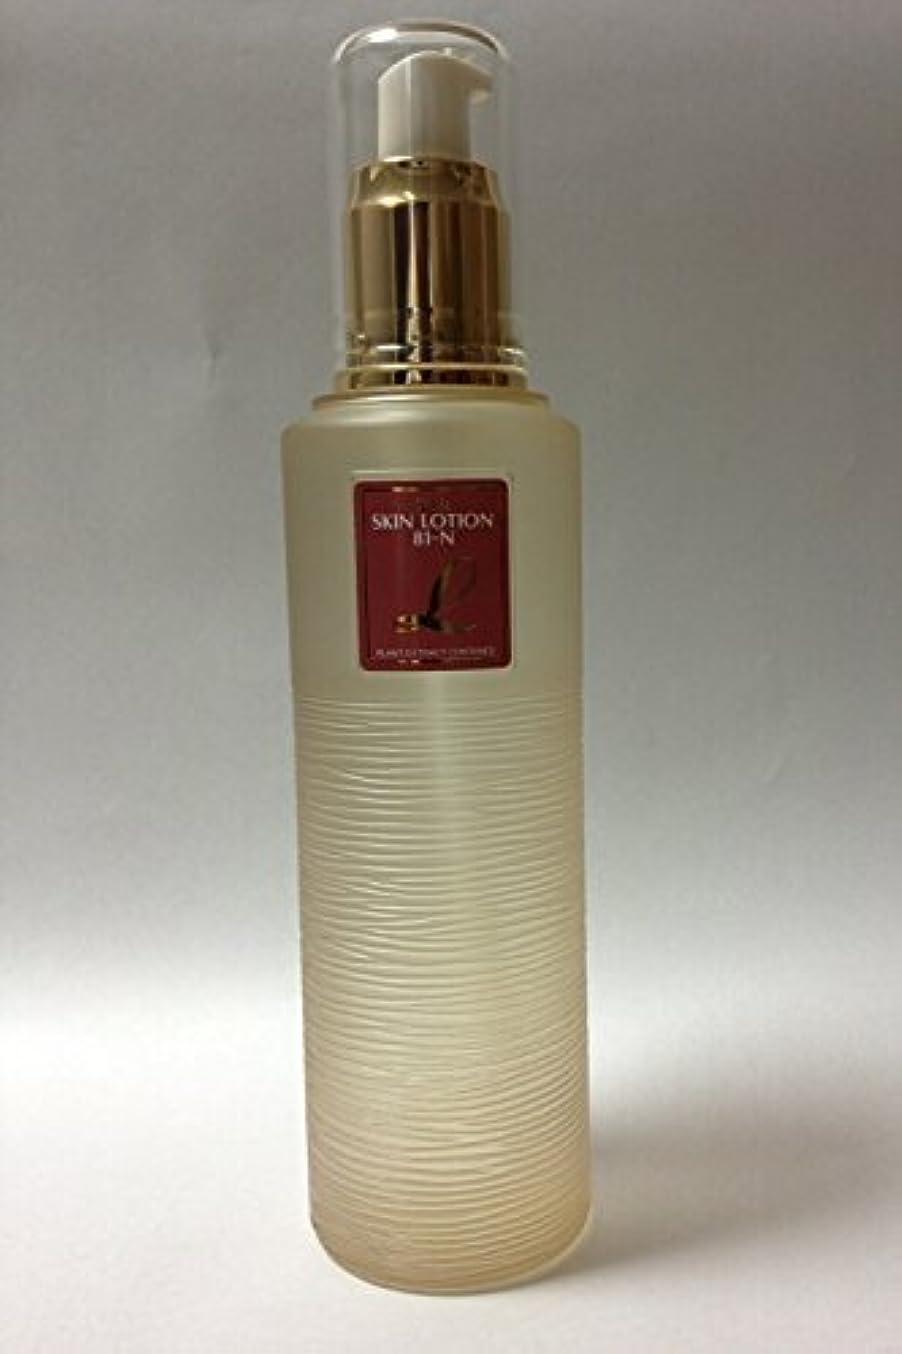 起きろ平衡からかうレラ スキンローション81-N (化粧水 弱酸性 保湿)乾燥肌~普通肌用